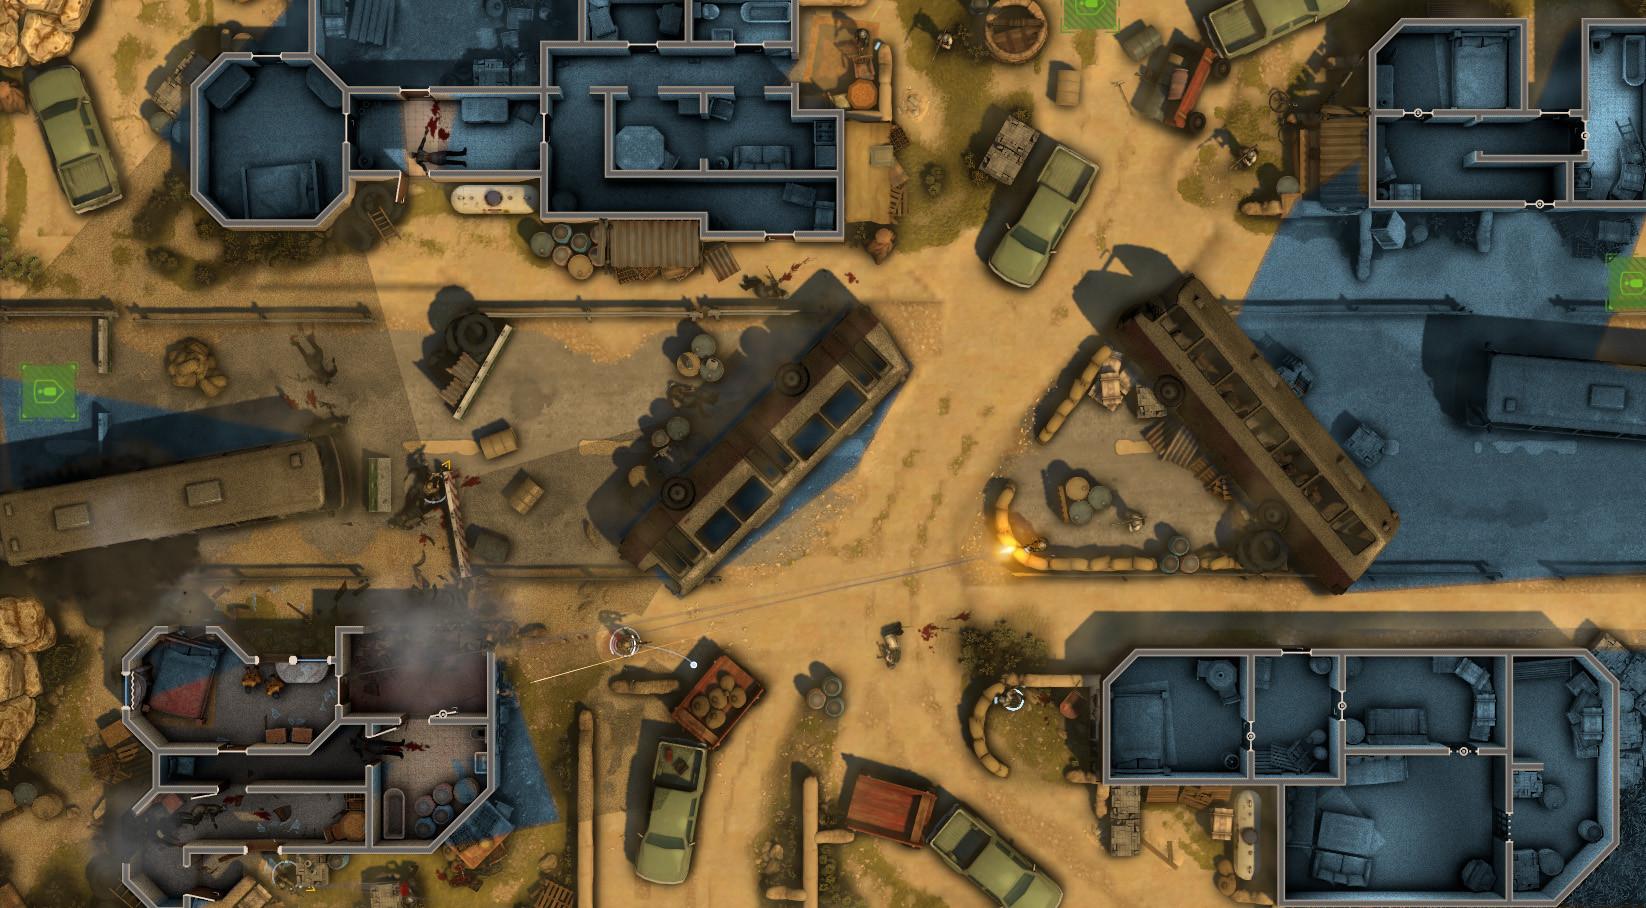 战术射击游戏《破门而入2》新预告 战斗紧张刺激